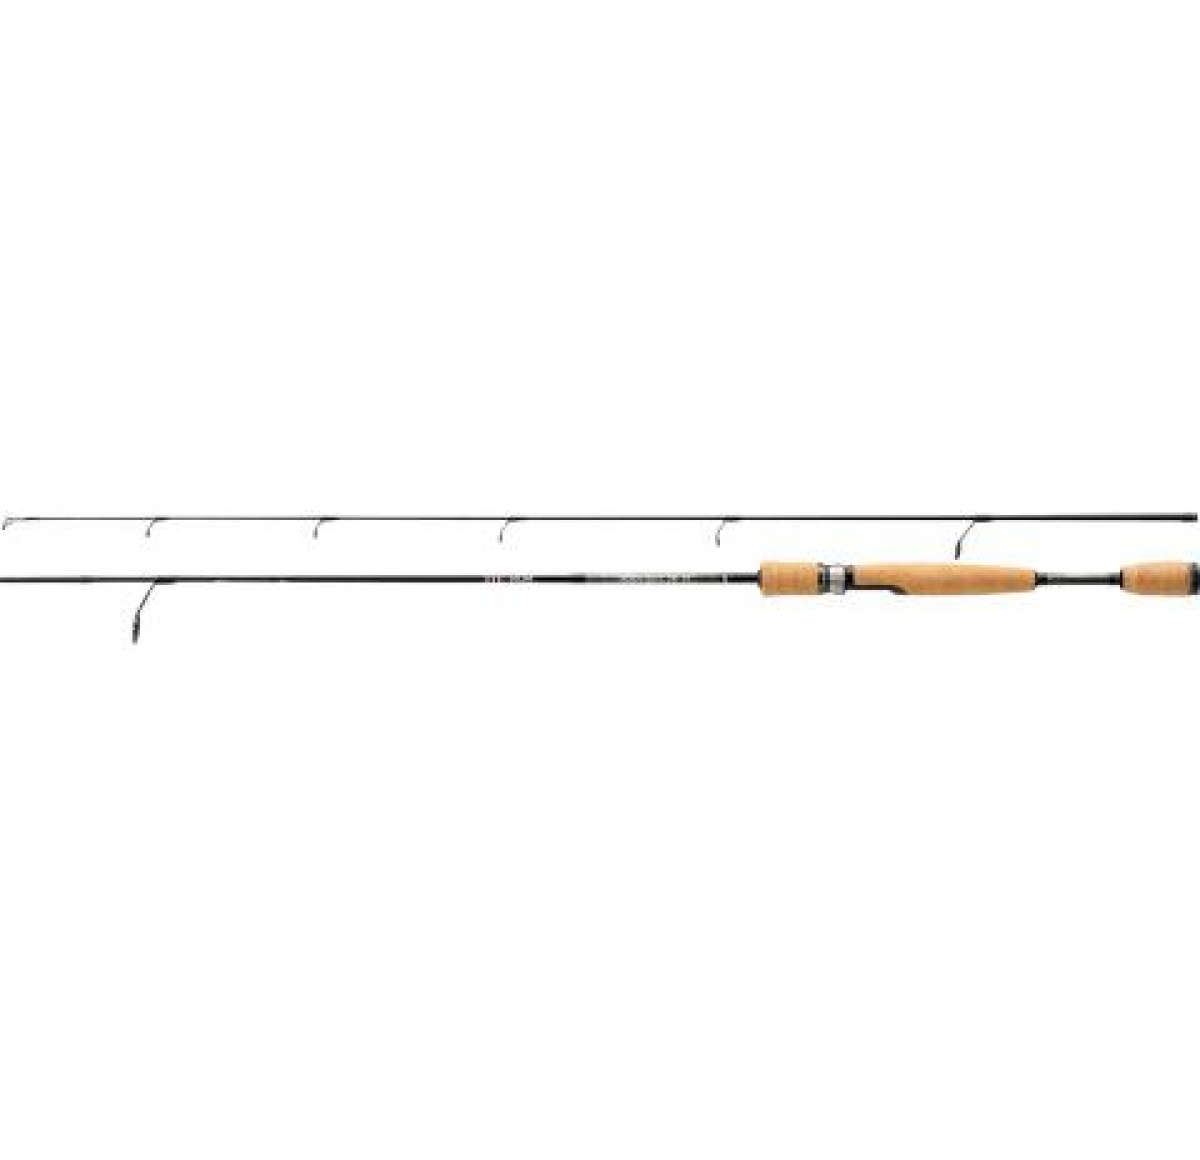 Jaxon Eternum Speedy Spin UL 192 cm 1-8 g